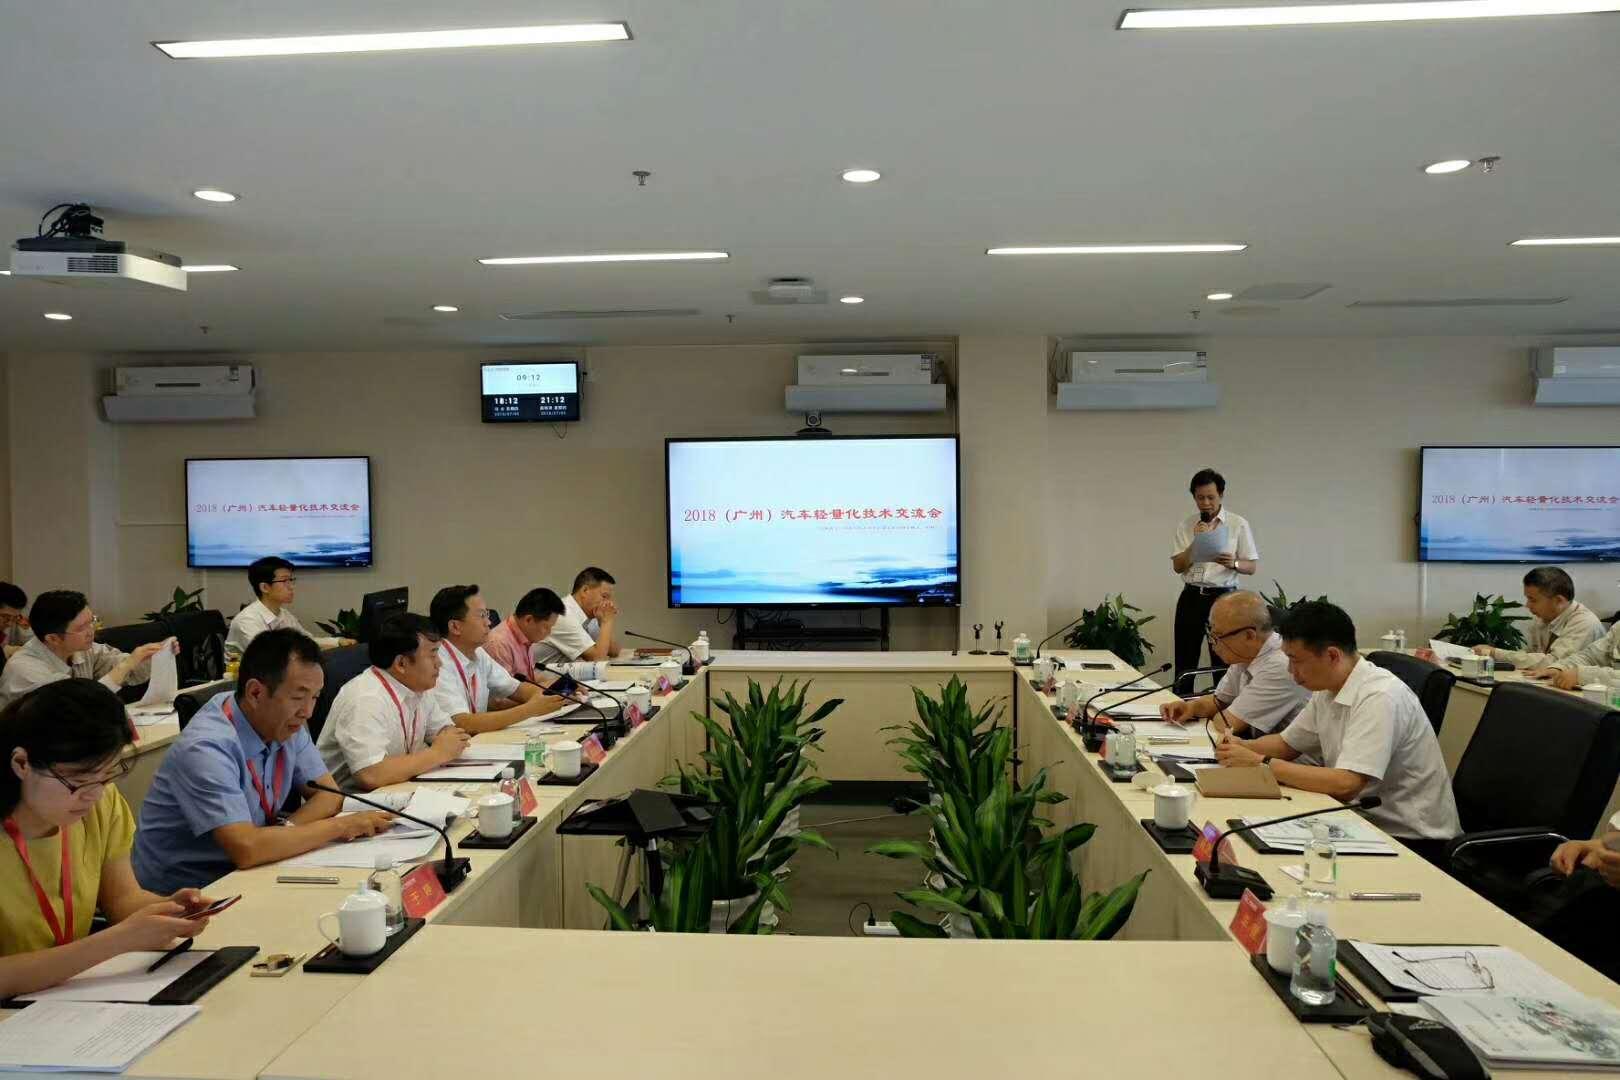 7月6日 在2018(广州)汽车轻量化交流会上,集团公司副总经理李庆辉做主题发言